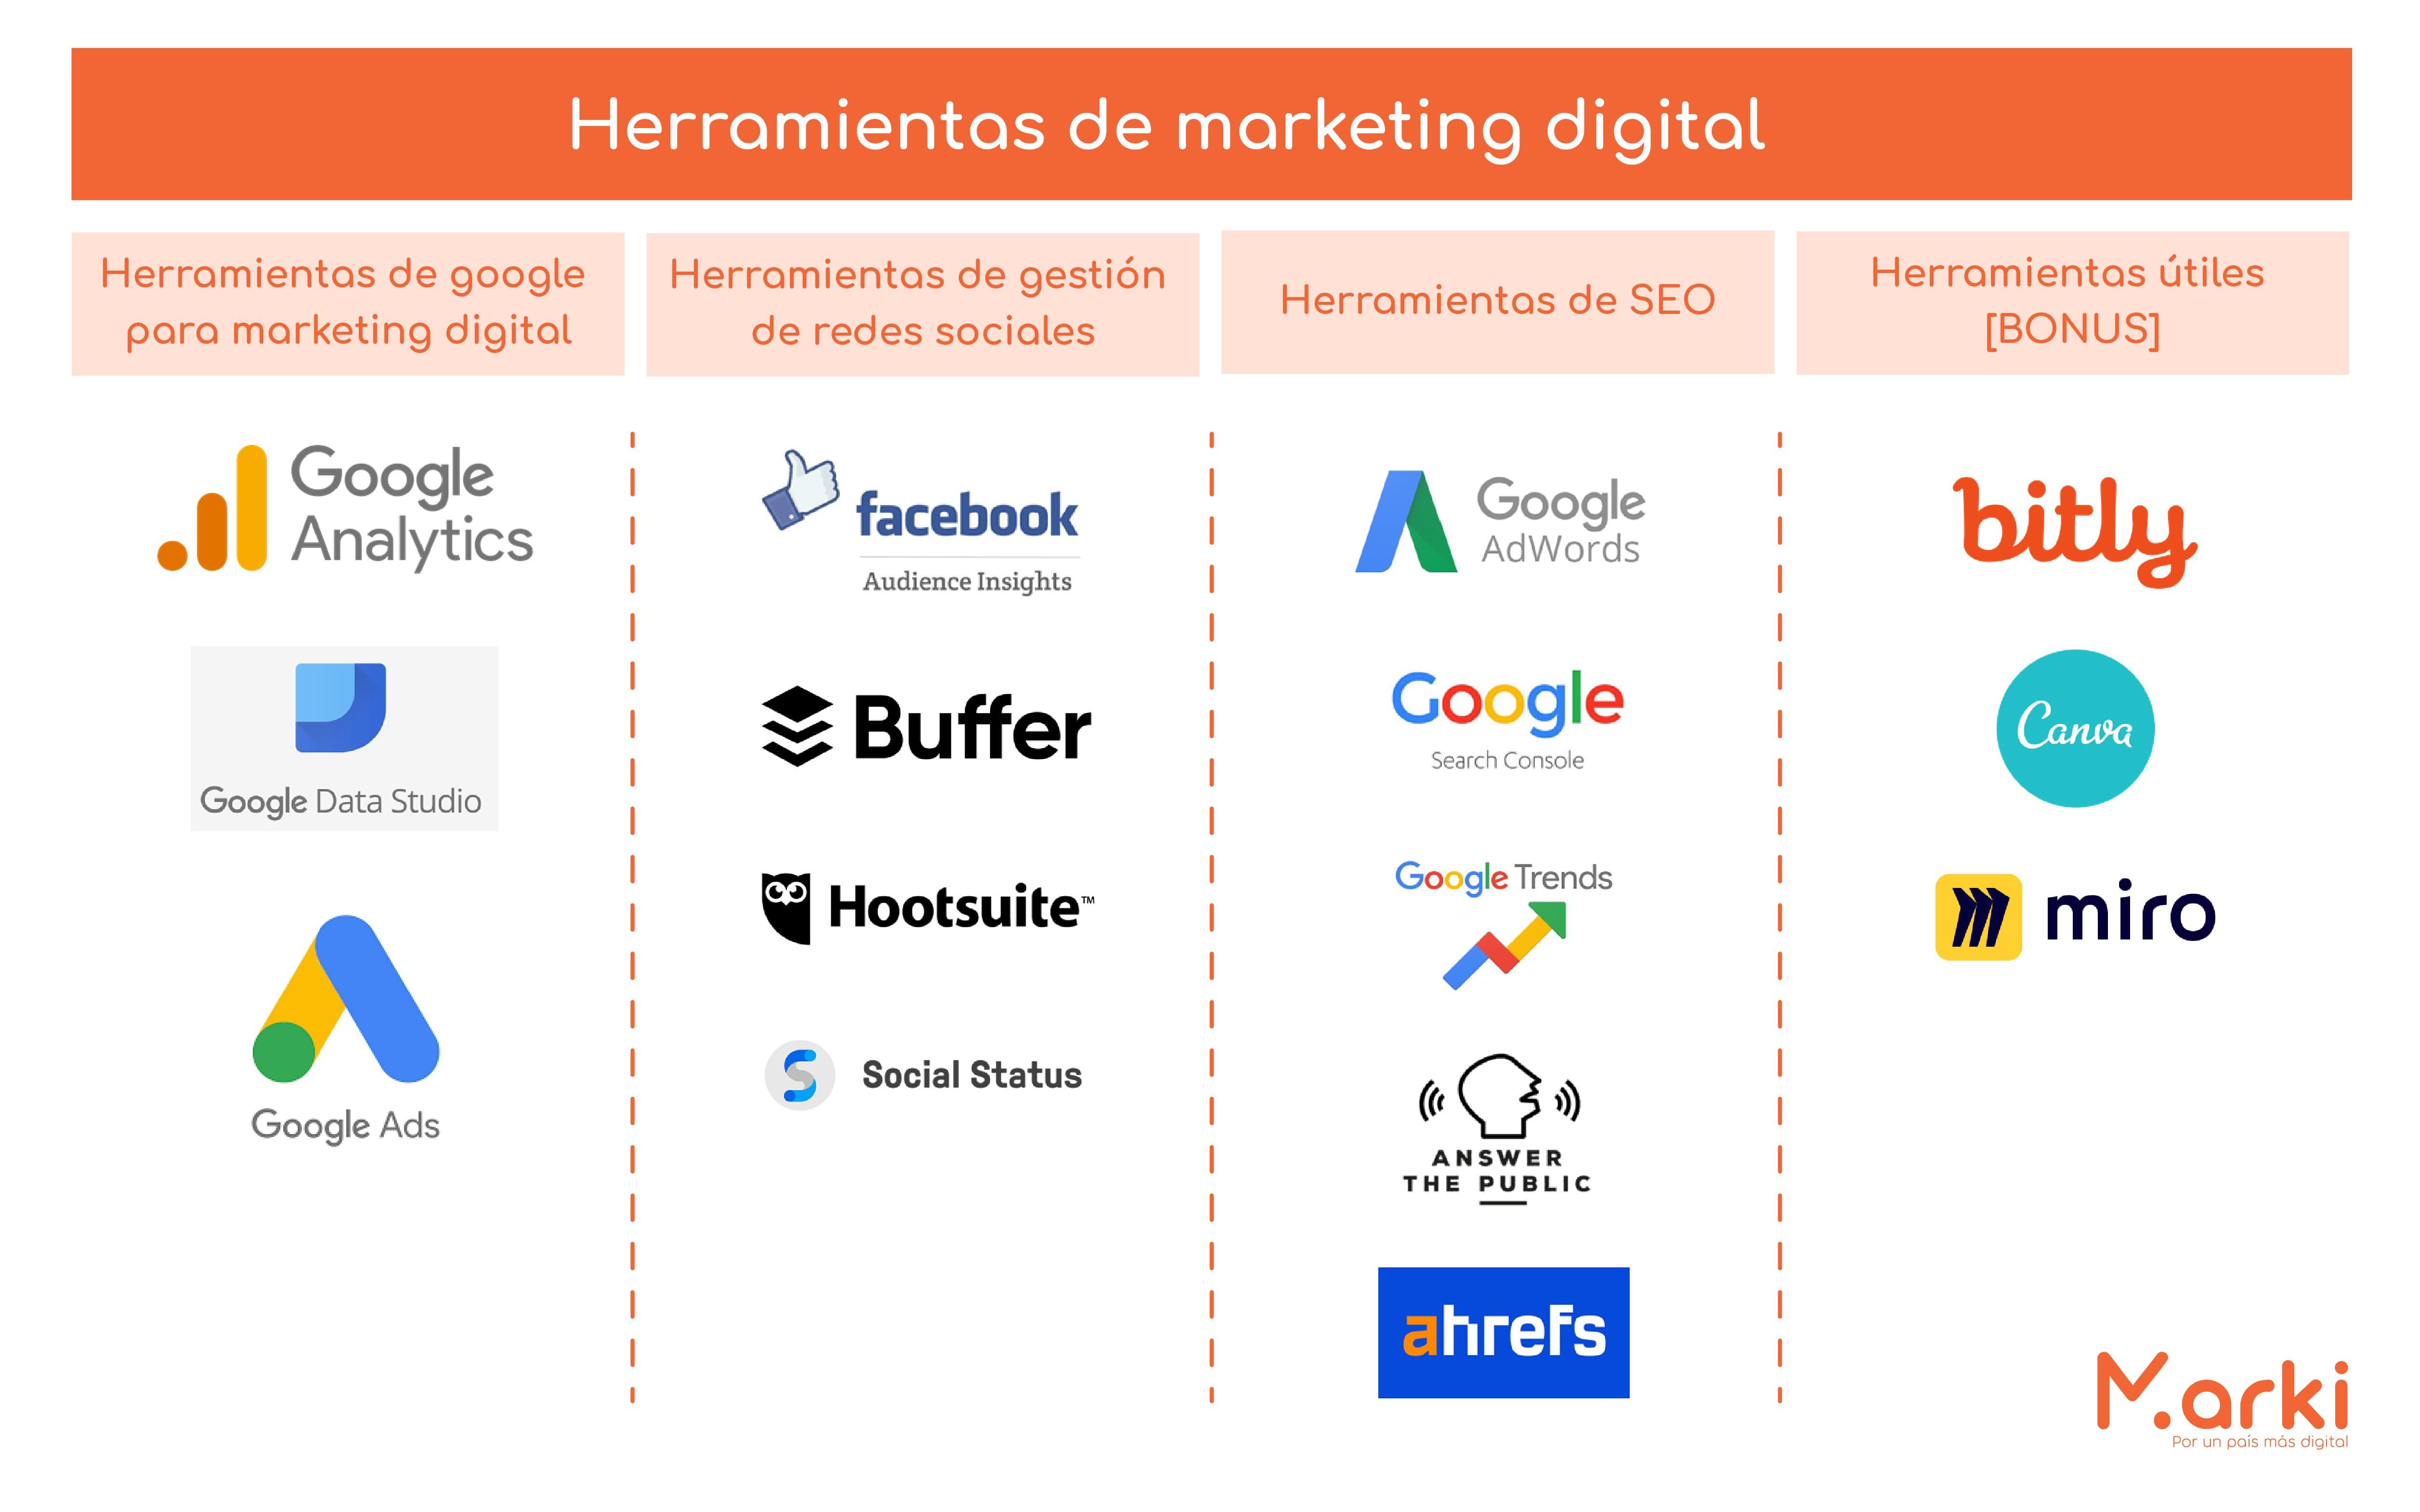 herramientas de marketing digital ¿Cuáles son las herramientas de marketing digital? ¿Cuáles son las herramientas digitales más usadas? facebook como herramienta de marketing digital herramientas de marketing digital herramientas de facebook para marketing digital marketing digital para emprendedores voluntariado marki diseño marki marki blog